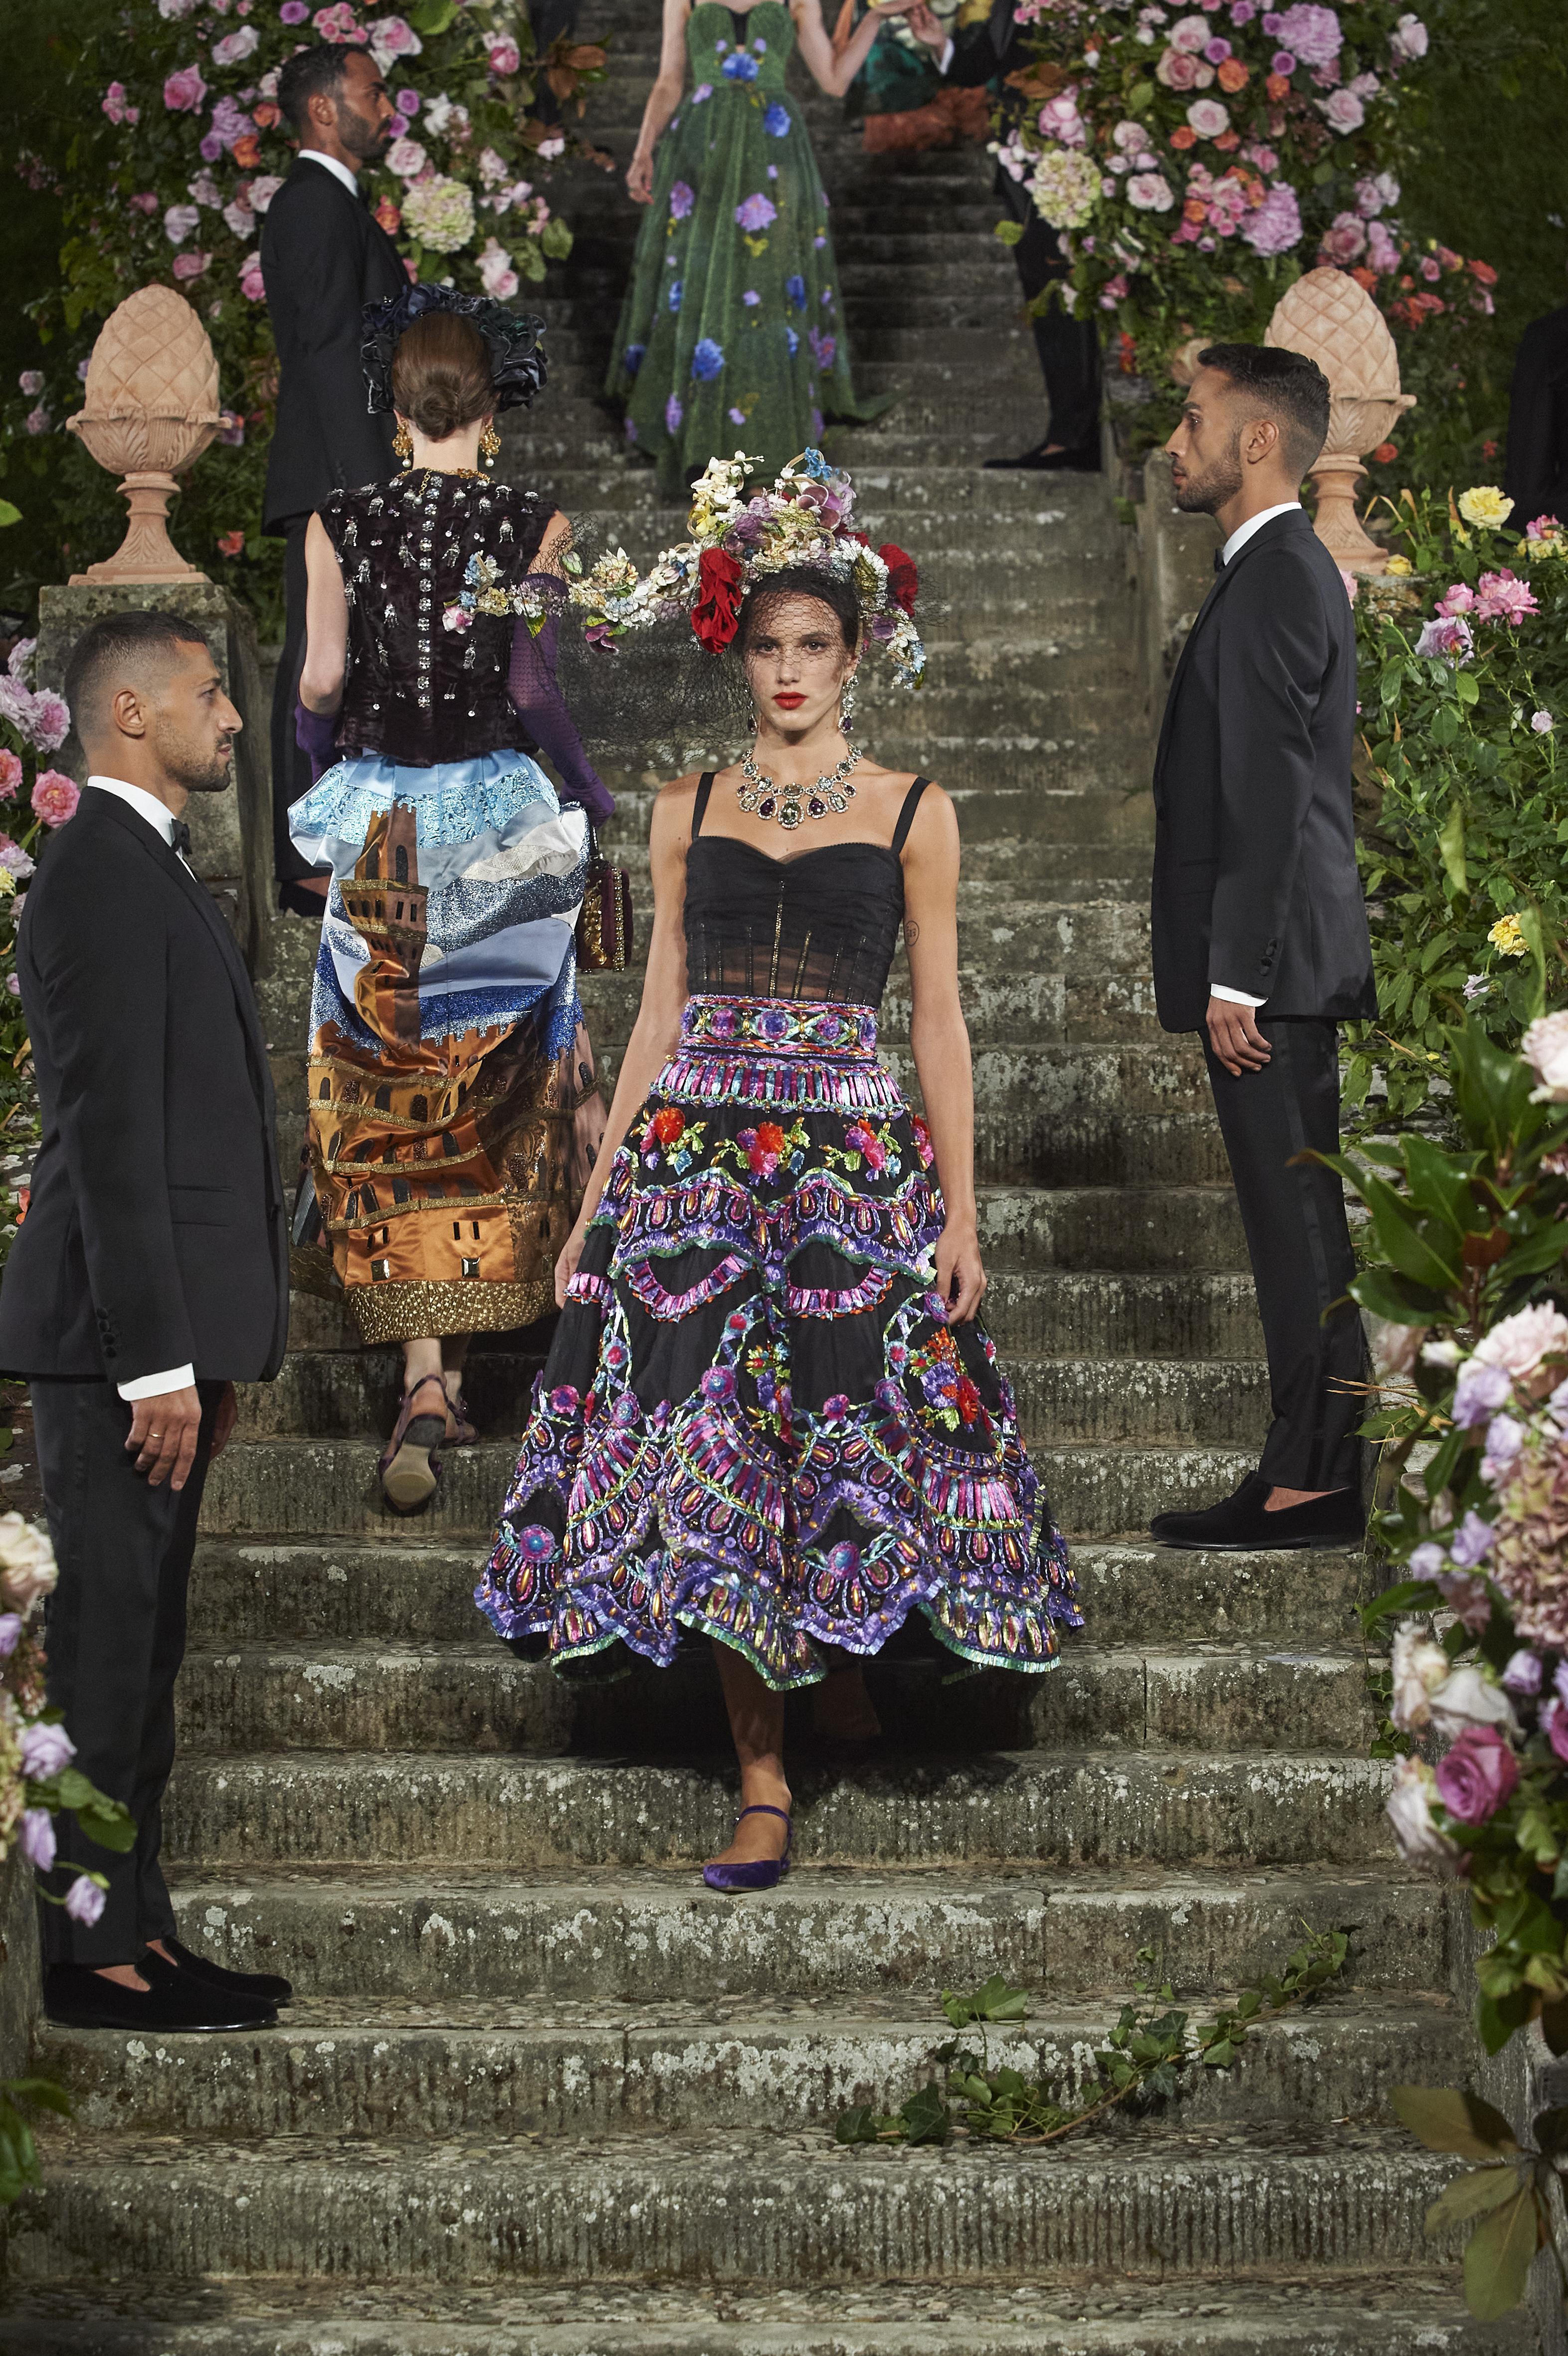 時裝展包含了由Dolce&Gabbana兩位創辦人打造的精采設計,以及多位當地工匠大師的作品。